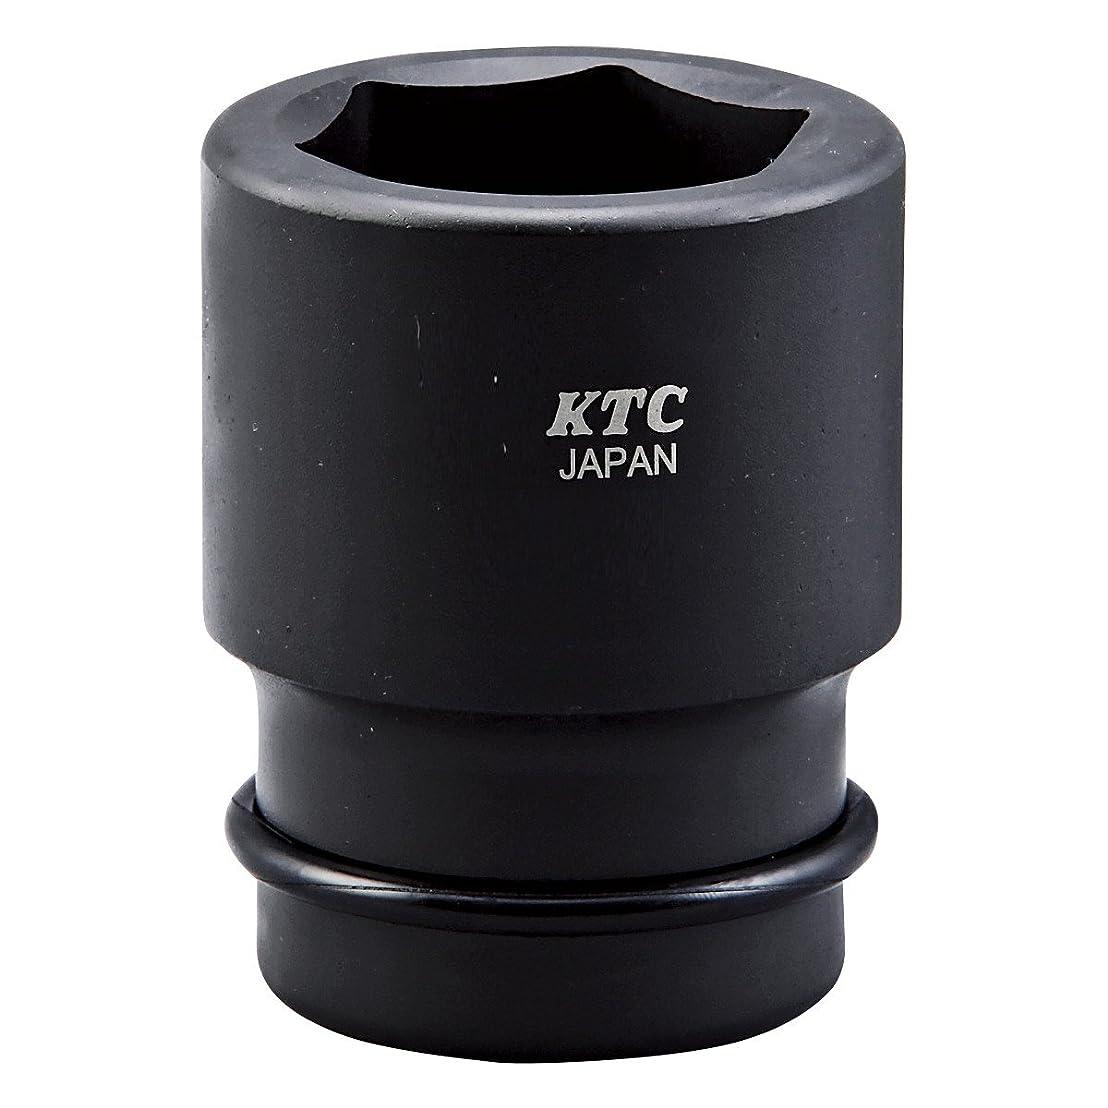 教育者スキム電報KTC(ケーテーシー) 25.4mm (1インチ) インパクトレンチ ソケット (標準) 33mm ピン?リング付 BP8-33P